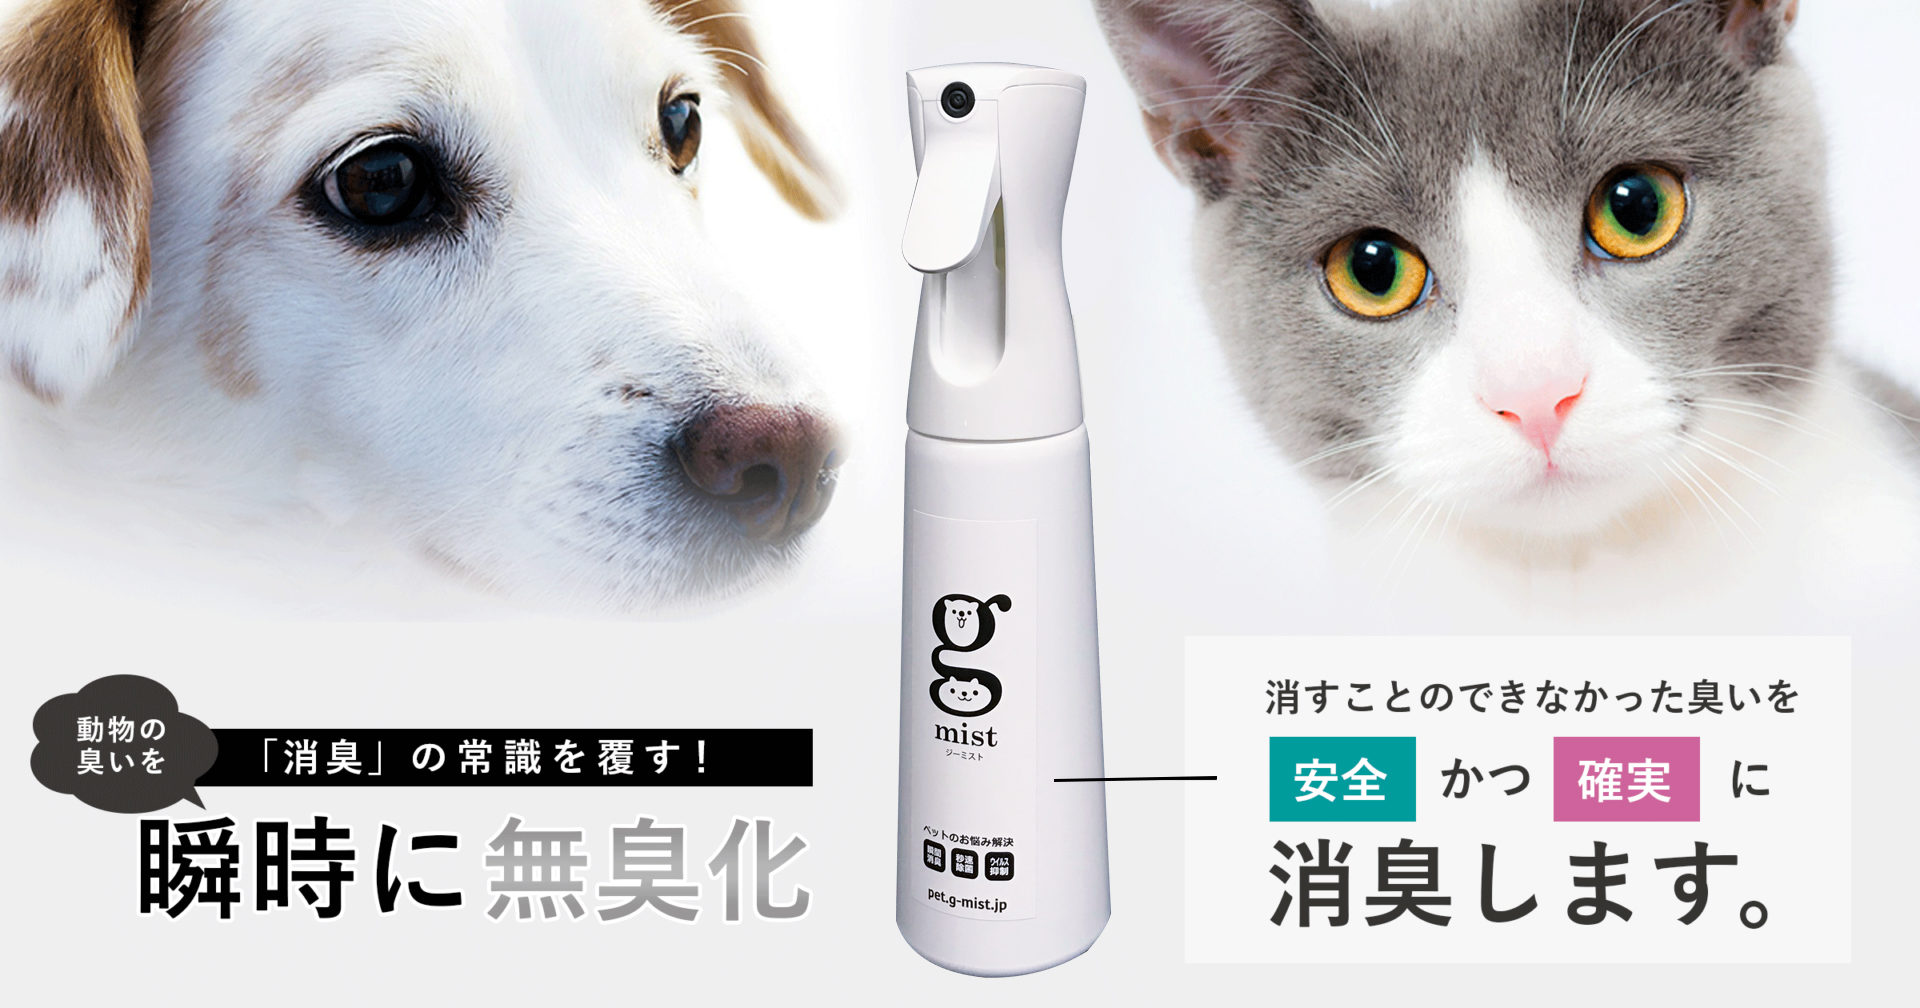 「消臭」の常識を覆す!動物の臭いを瞬時に無臭化。消すことのできなかった臭いを安全かつ確実に消臭します。